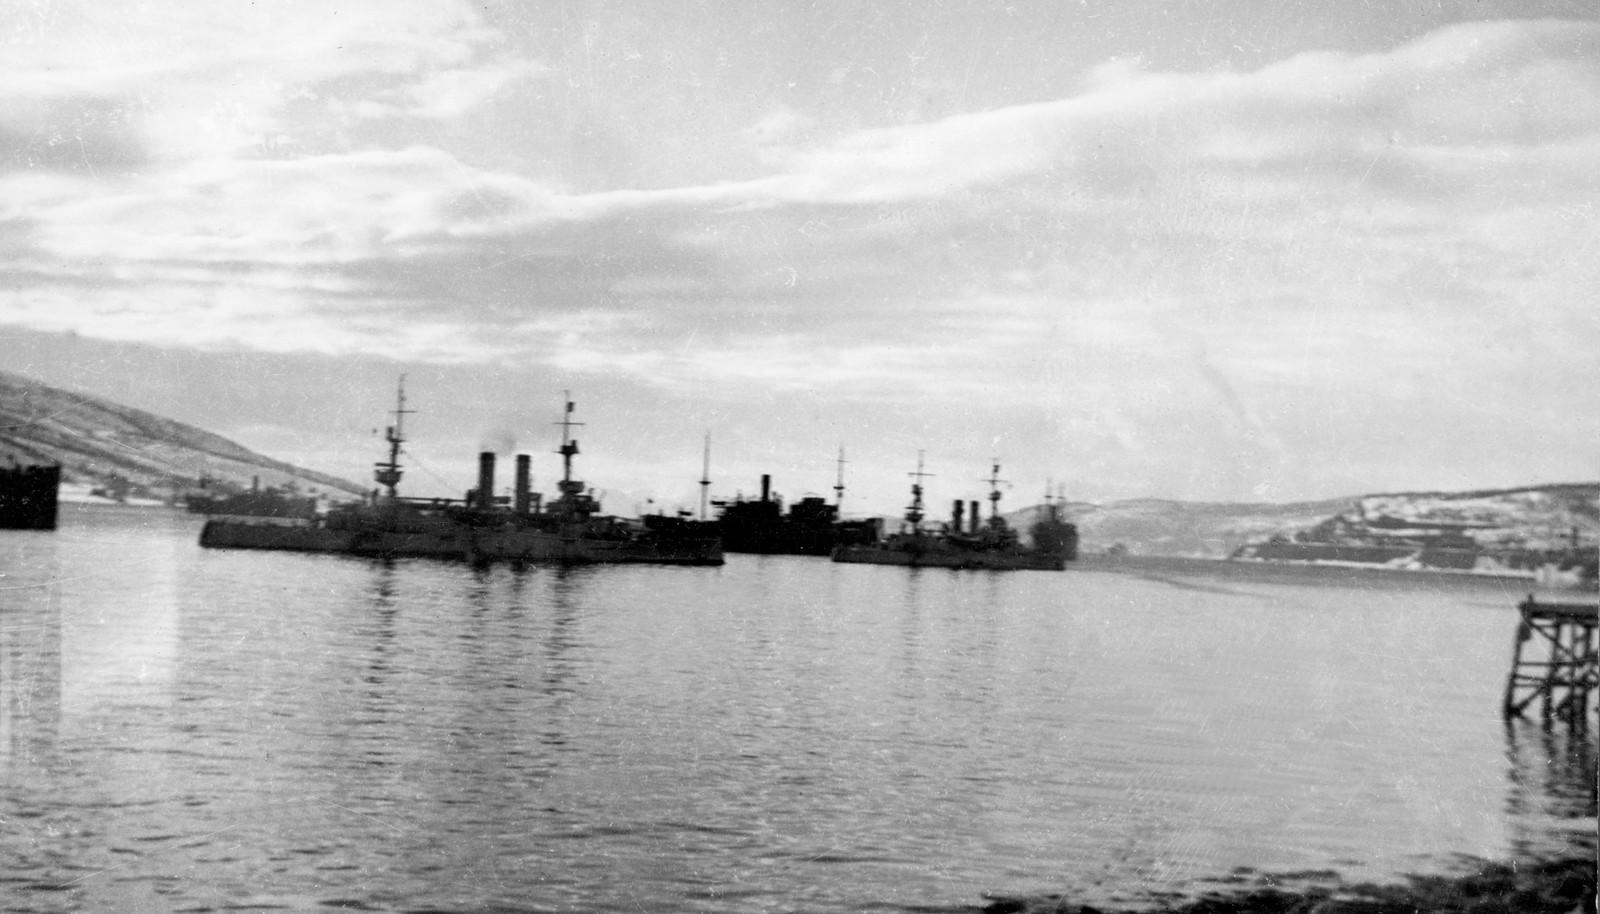 """Narvik 9. april 1940. De to gamle norske panserskipene """"Eidsvold"""" og """"Norge"""" på Narvik havn, før de ble senket av tyskerne, som besatte Narvik uten kamp."""